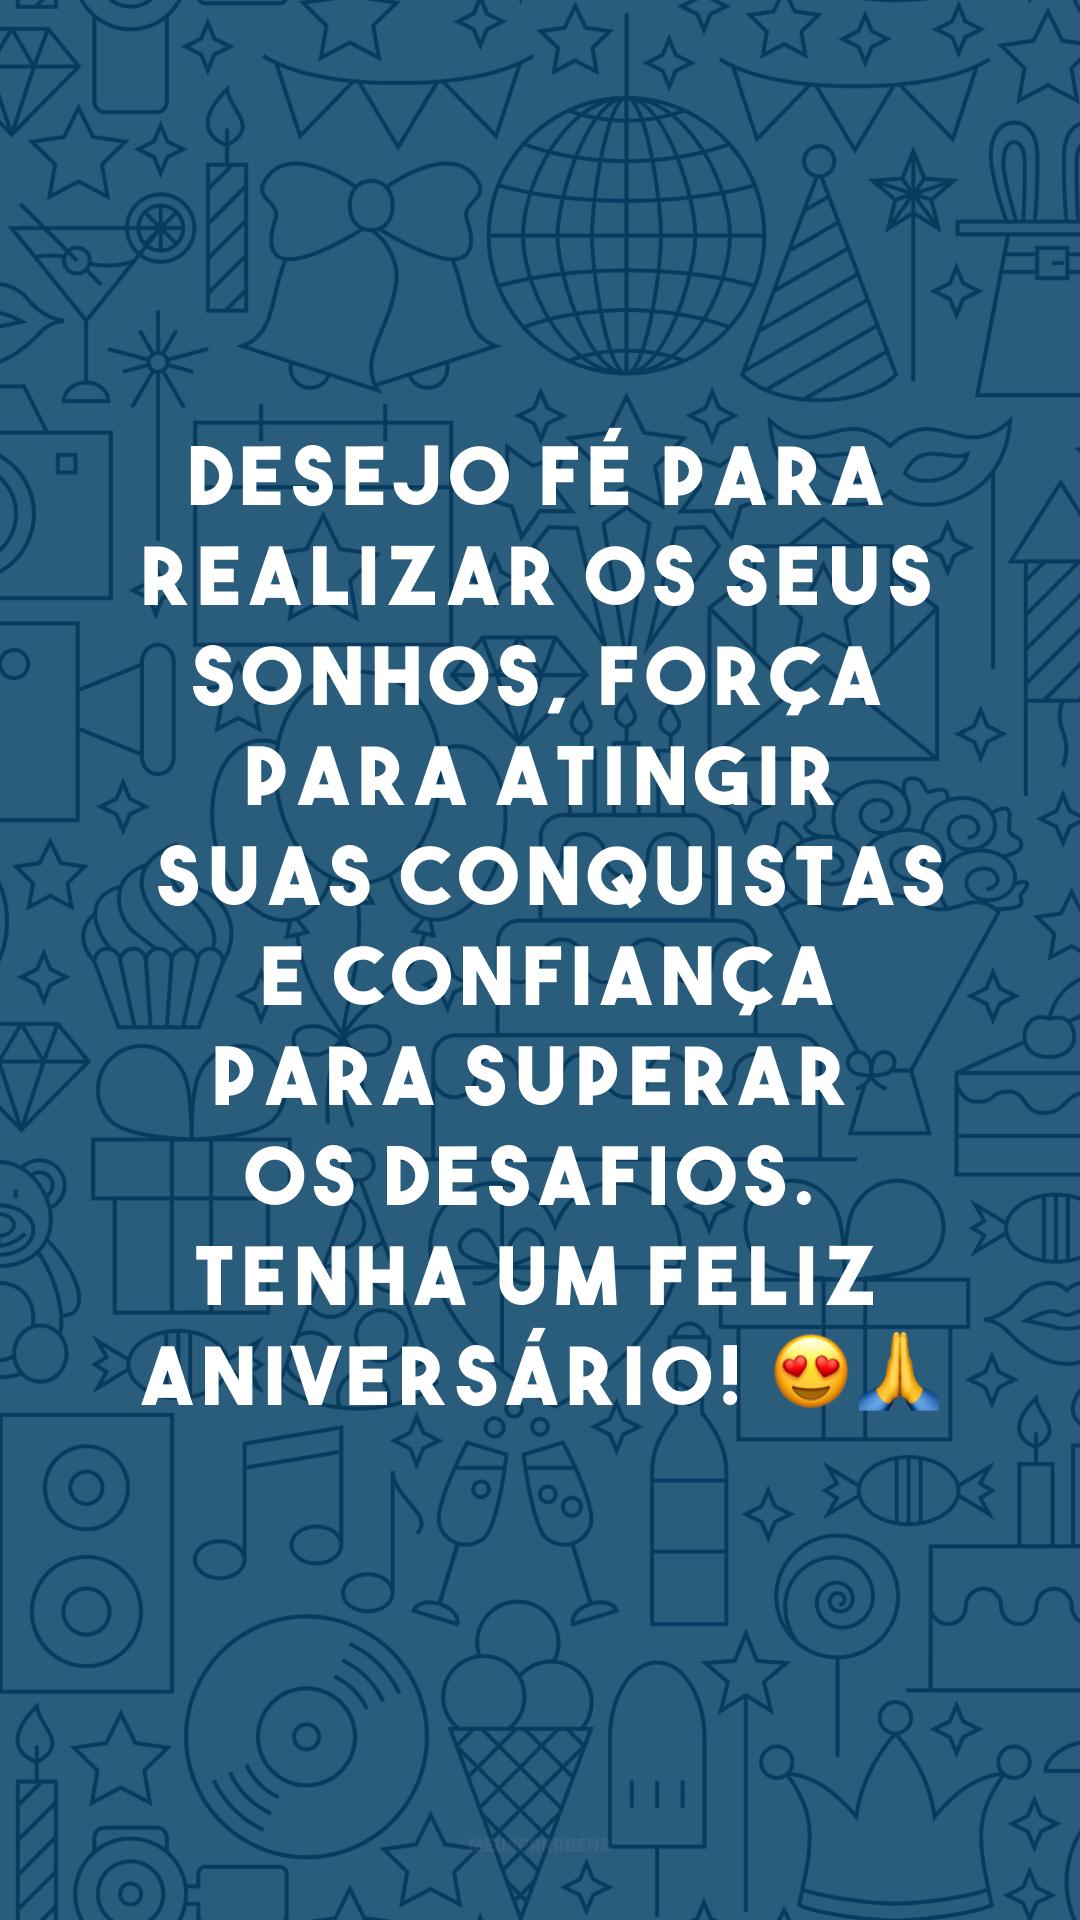 Desejo fé para realizar os seus sonhos, força para atingir suas conquistas e confiança para superar os desafios. Tenha um feliz aniversário! 😍🙏